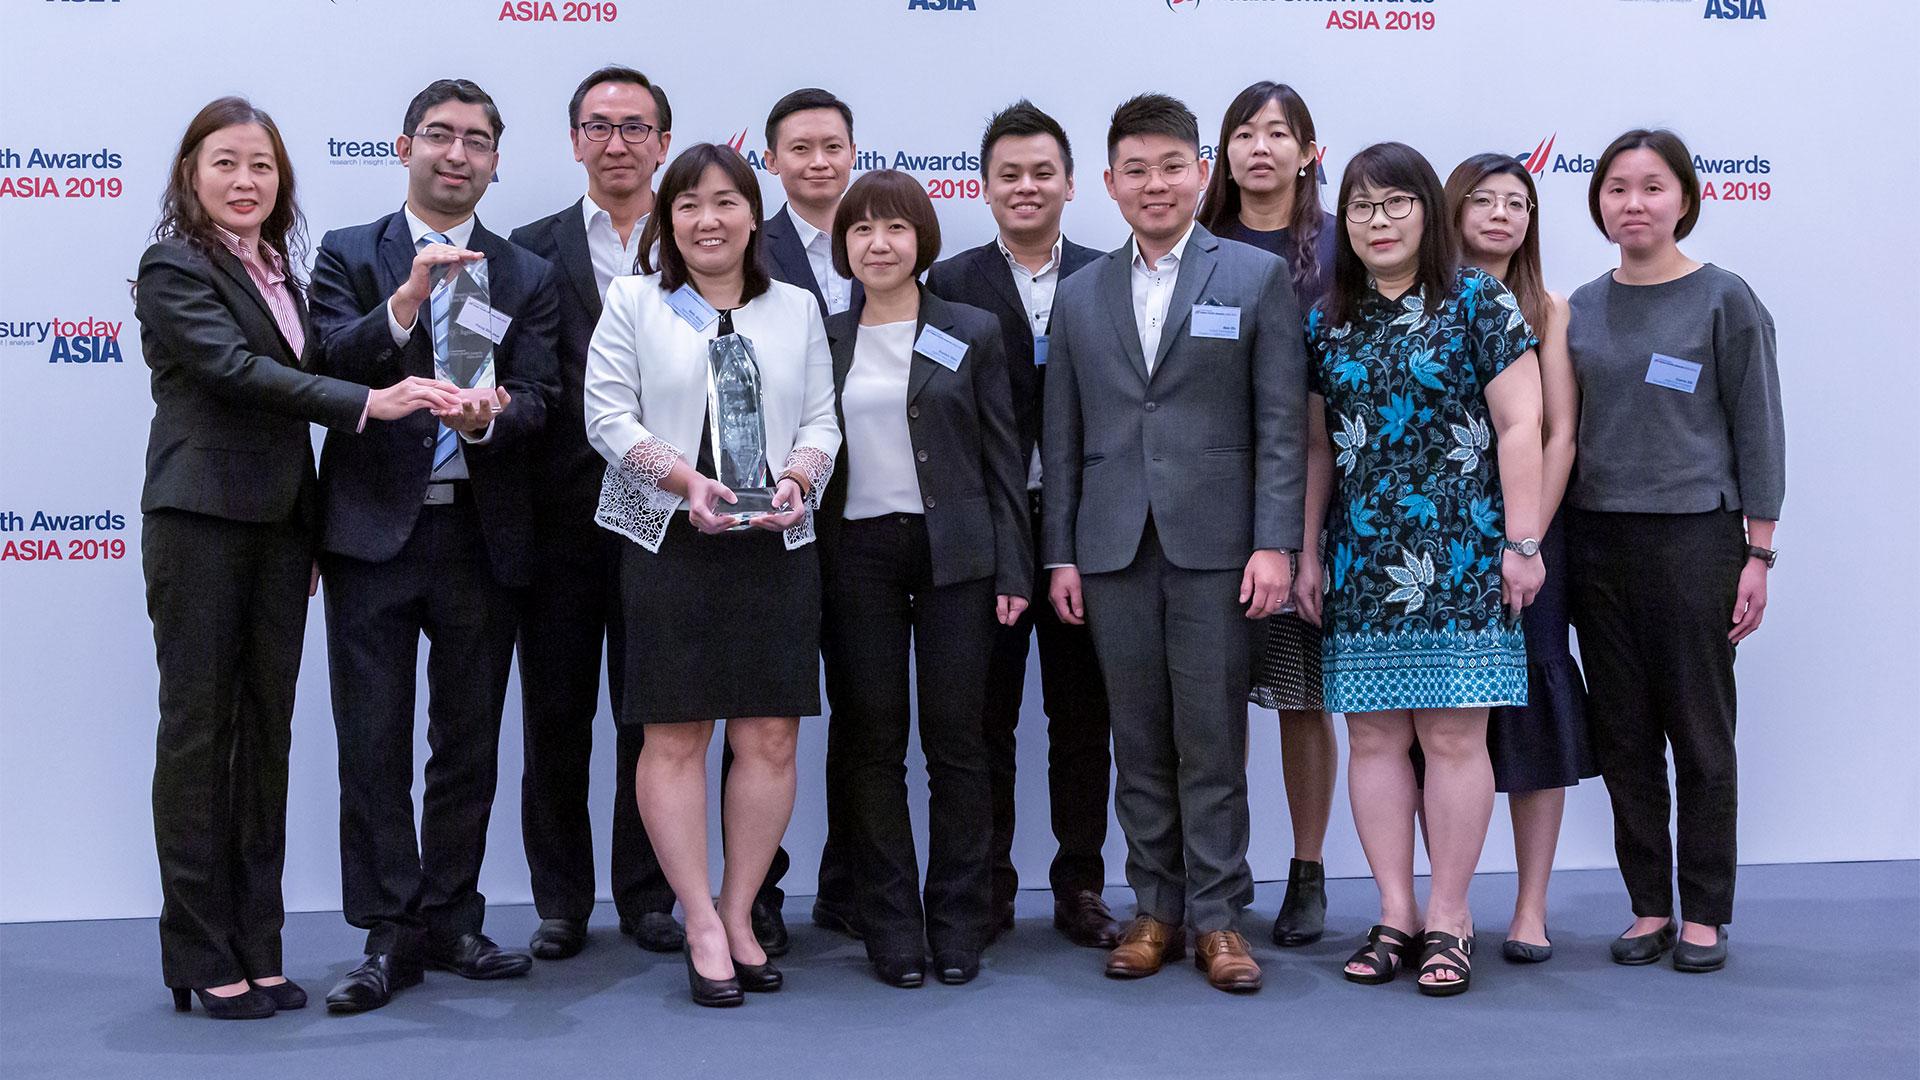 Adam Smith Awards Asia 2019 Top Treasury Team